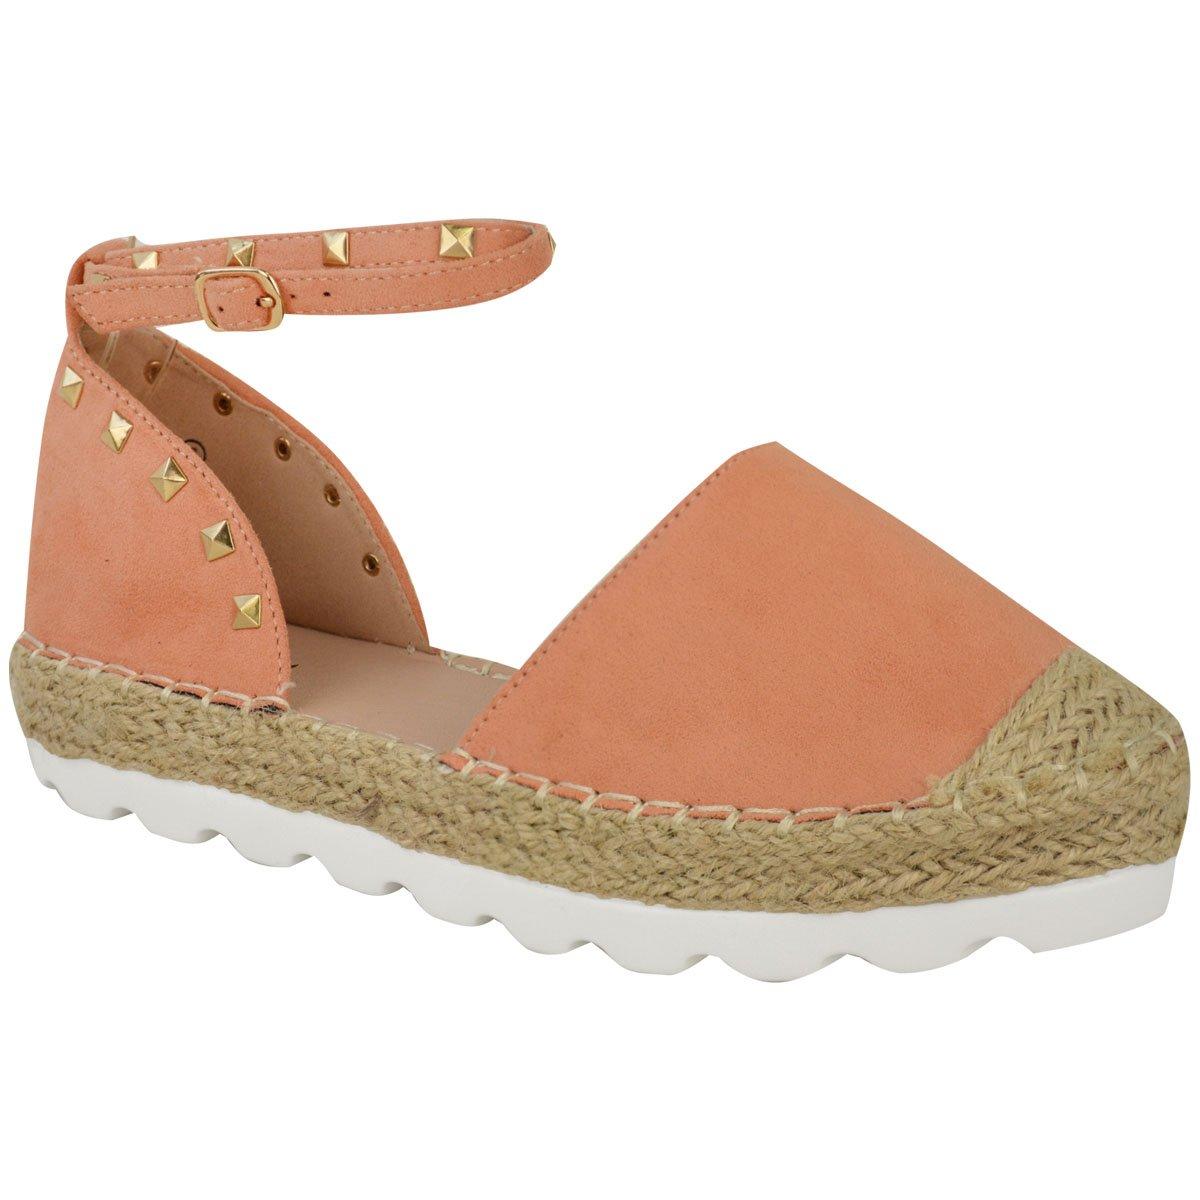 Mujer Alpargatas Tobillo Sandalias de Tiras Rock Tachuela Zapatos Verano Números: Amazon.es: Zapatos y complementos